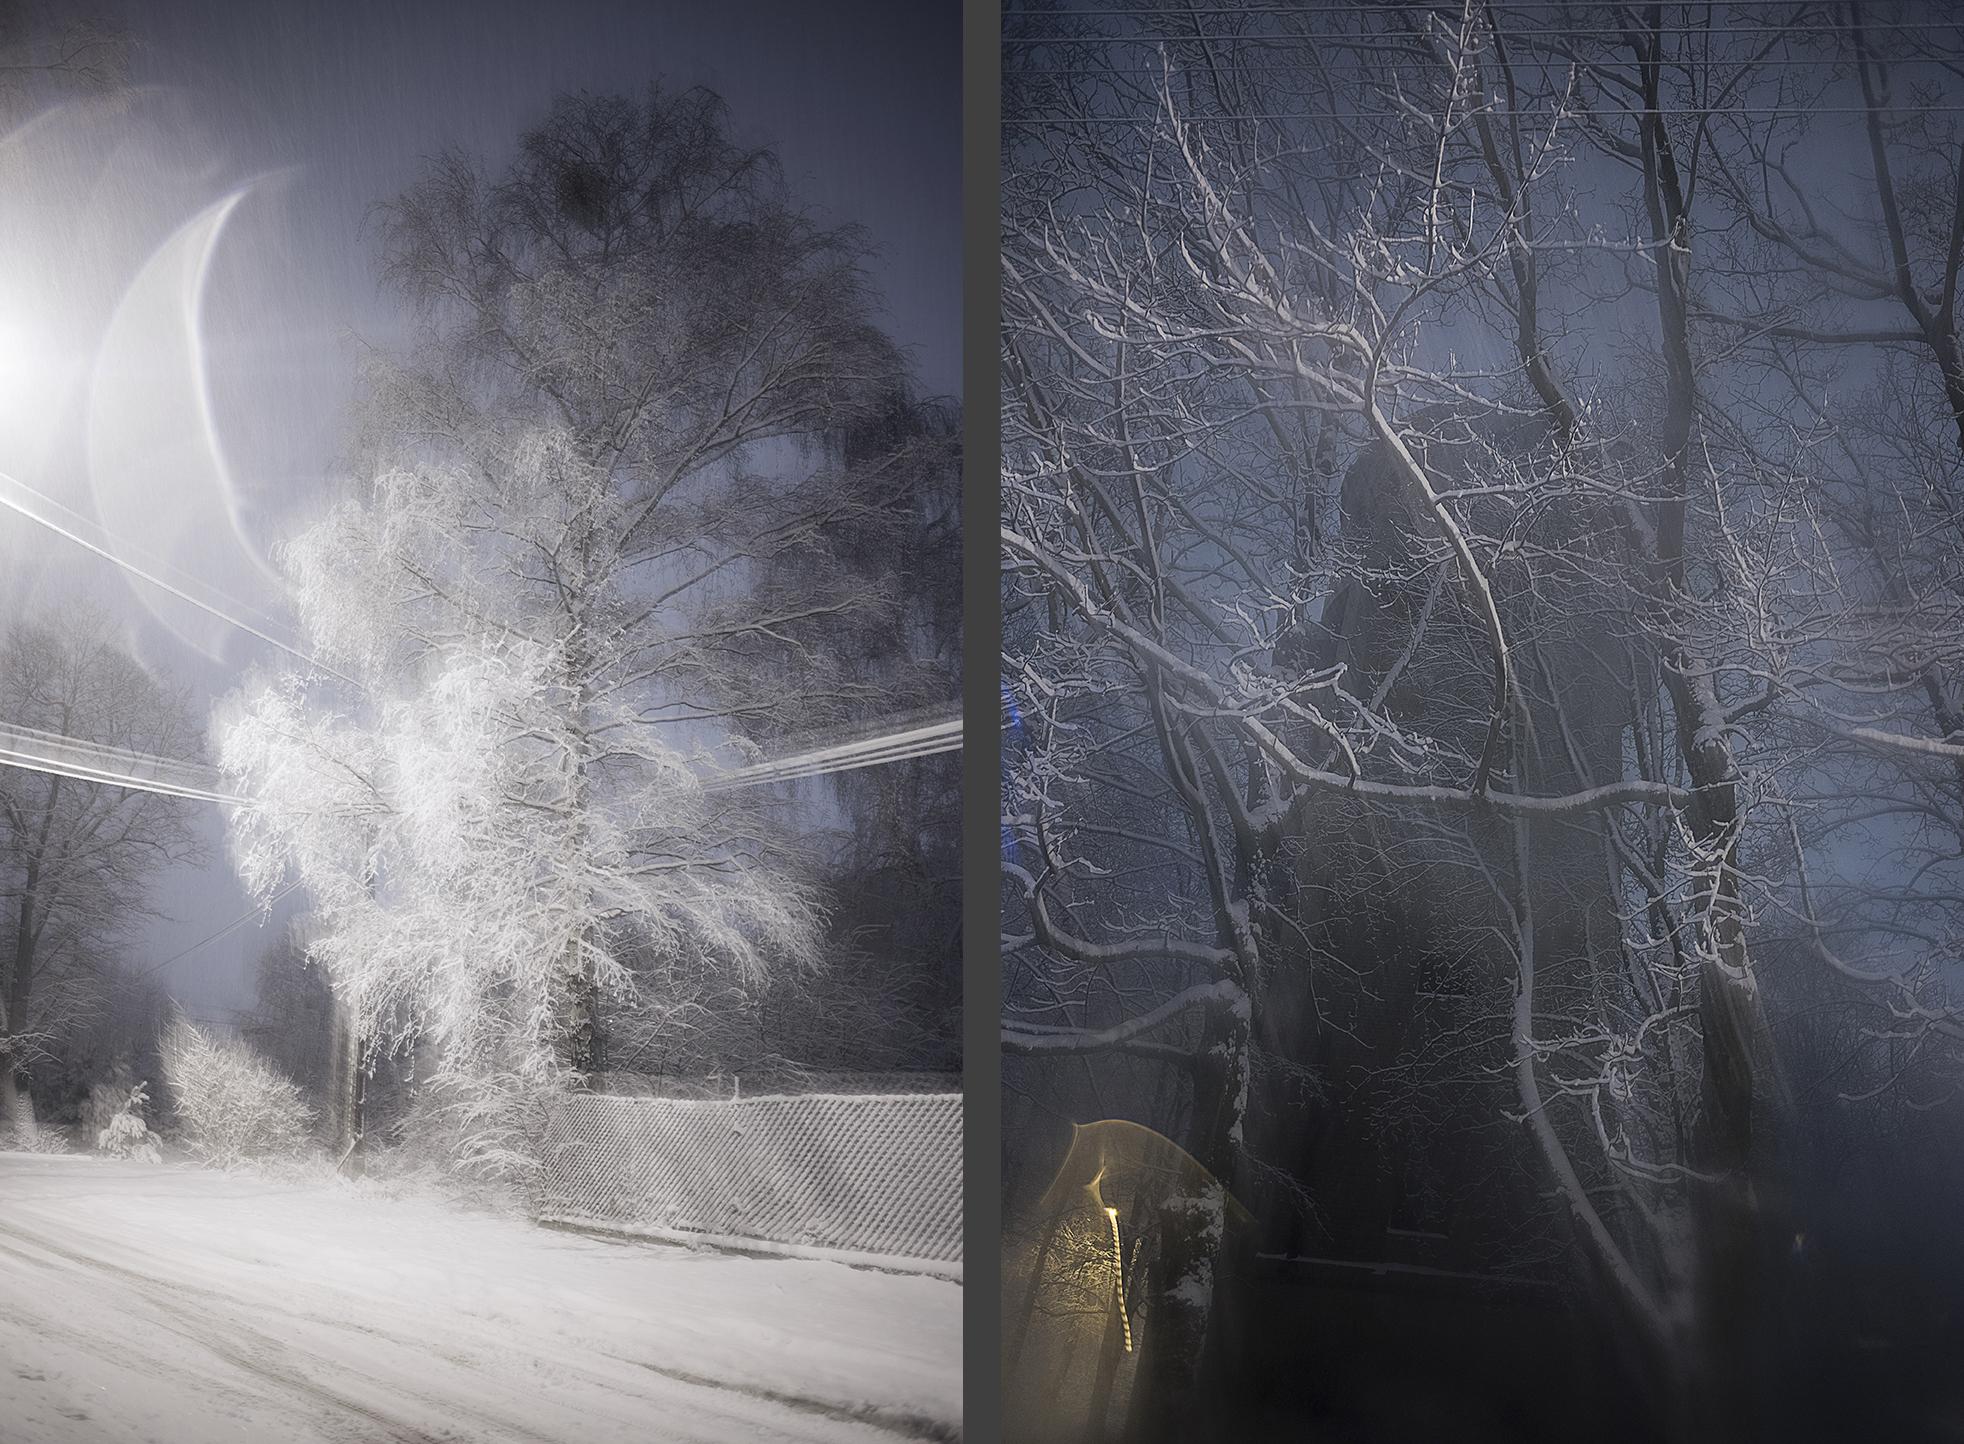 MILUNA-Ewa-Milun-Walczak-Zima-snieg-Piastow-plener-opady-biel-magia-zimy-zimno-chlod-piekno-Pod-pierzyna-2